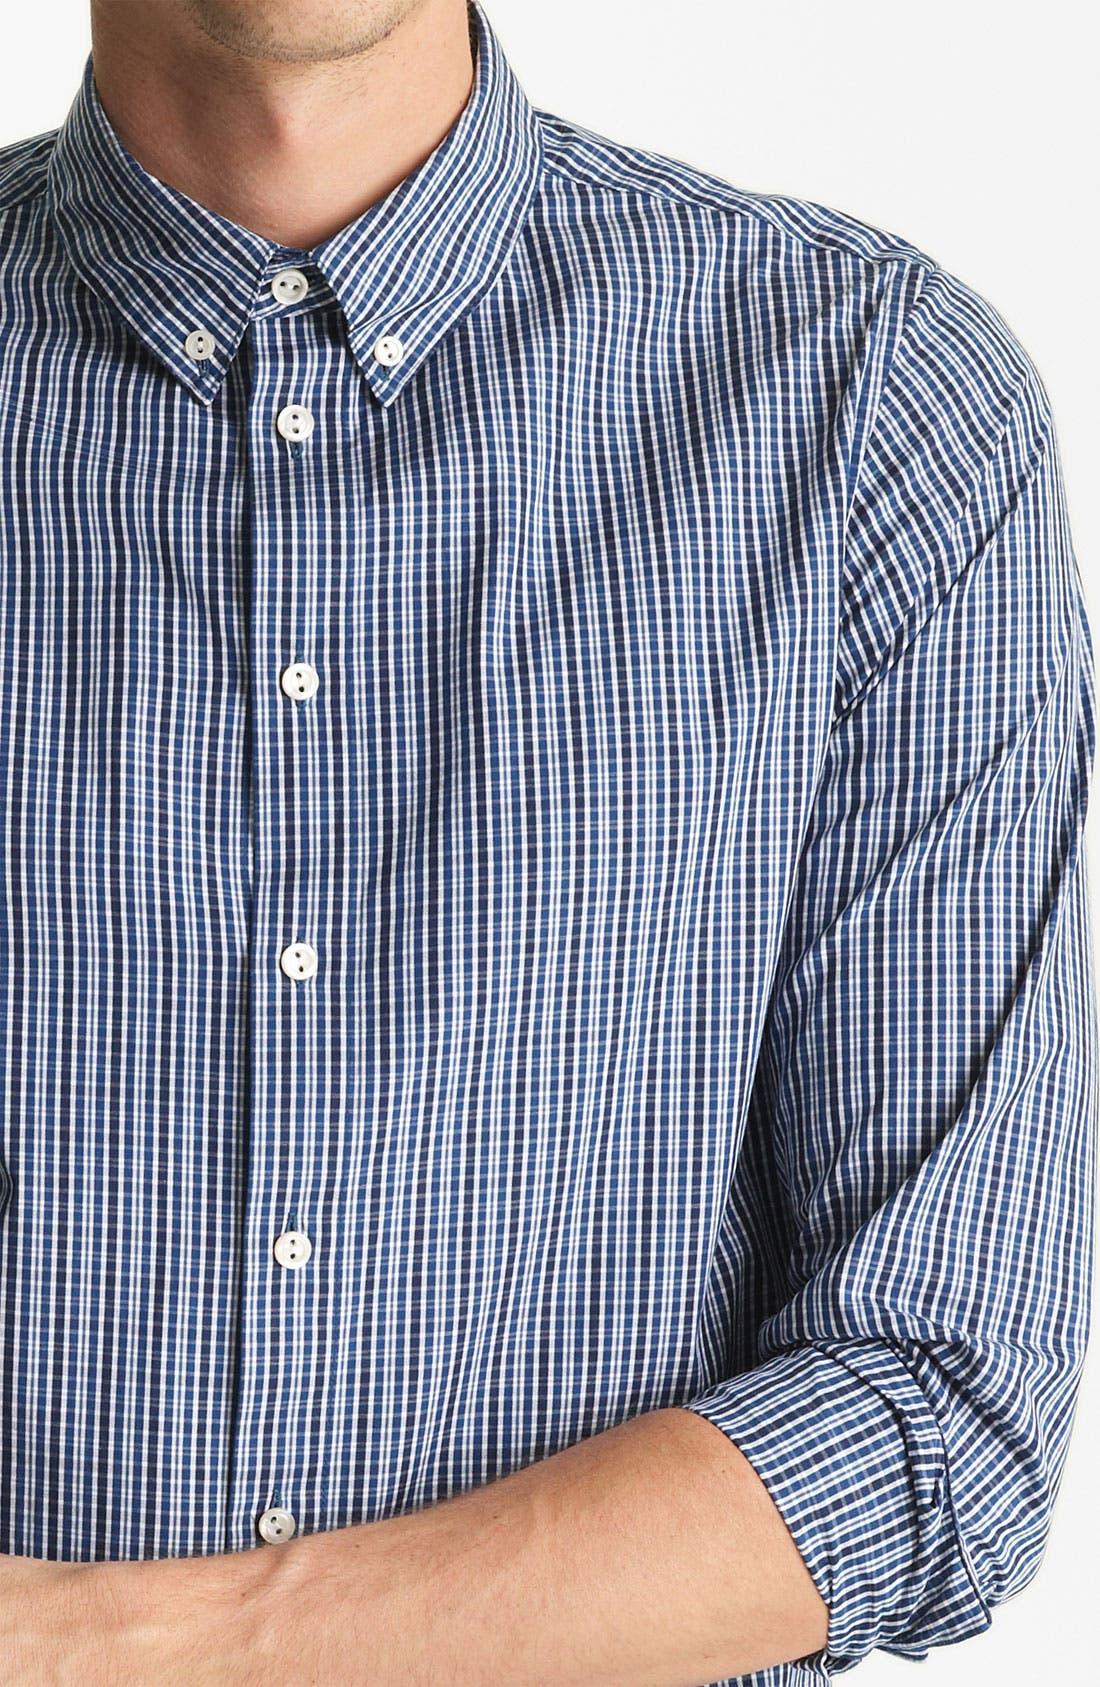 Alternate Image 3  - A.P.C. Plaid Cotton Shirt